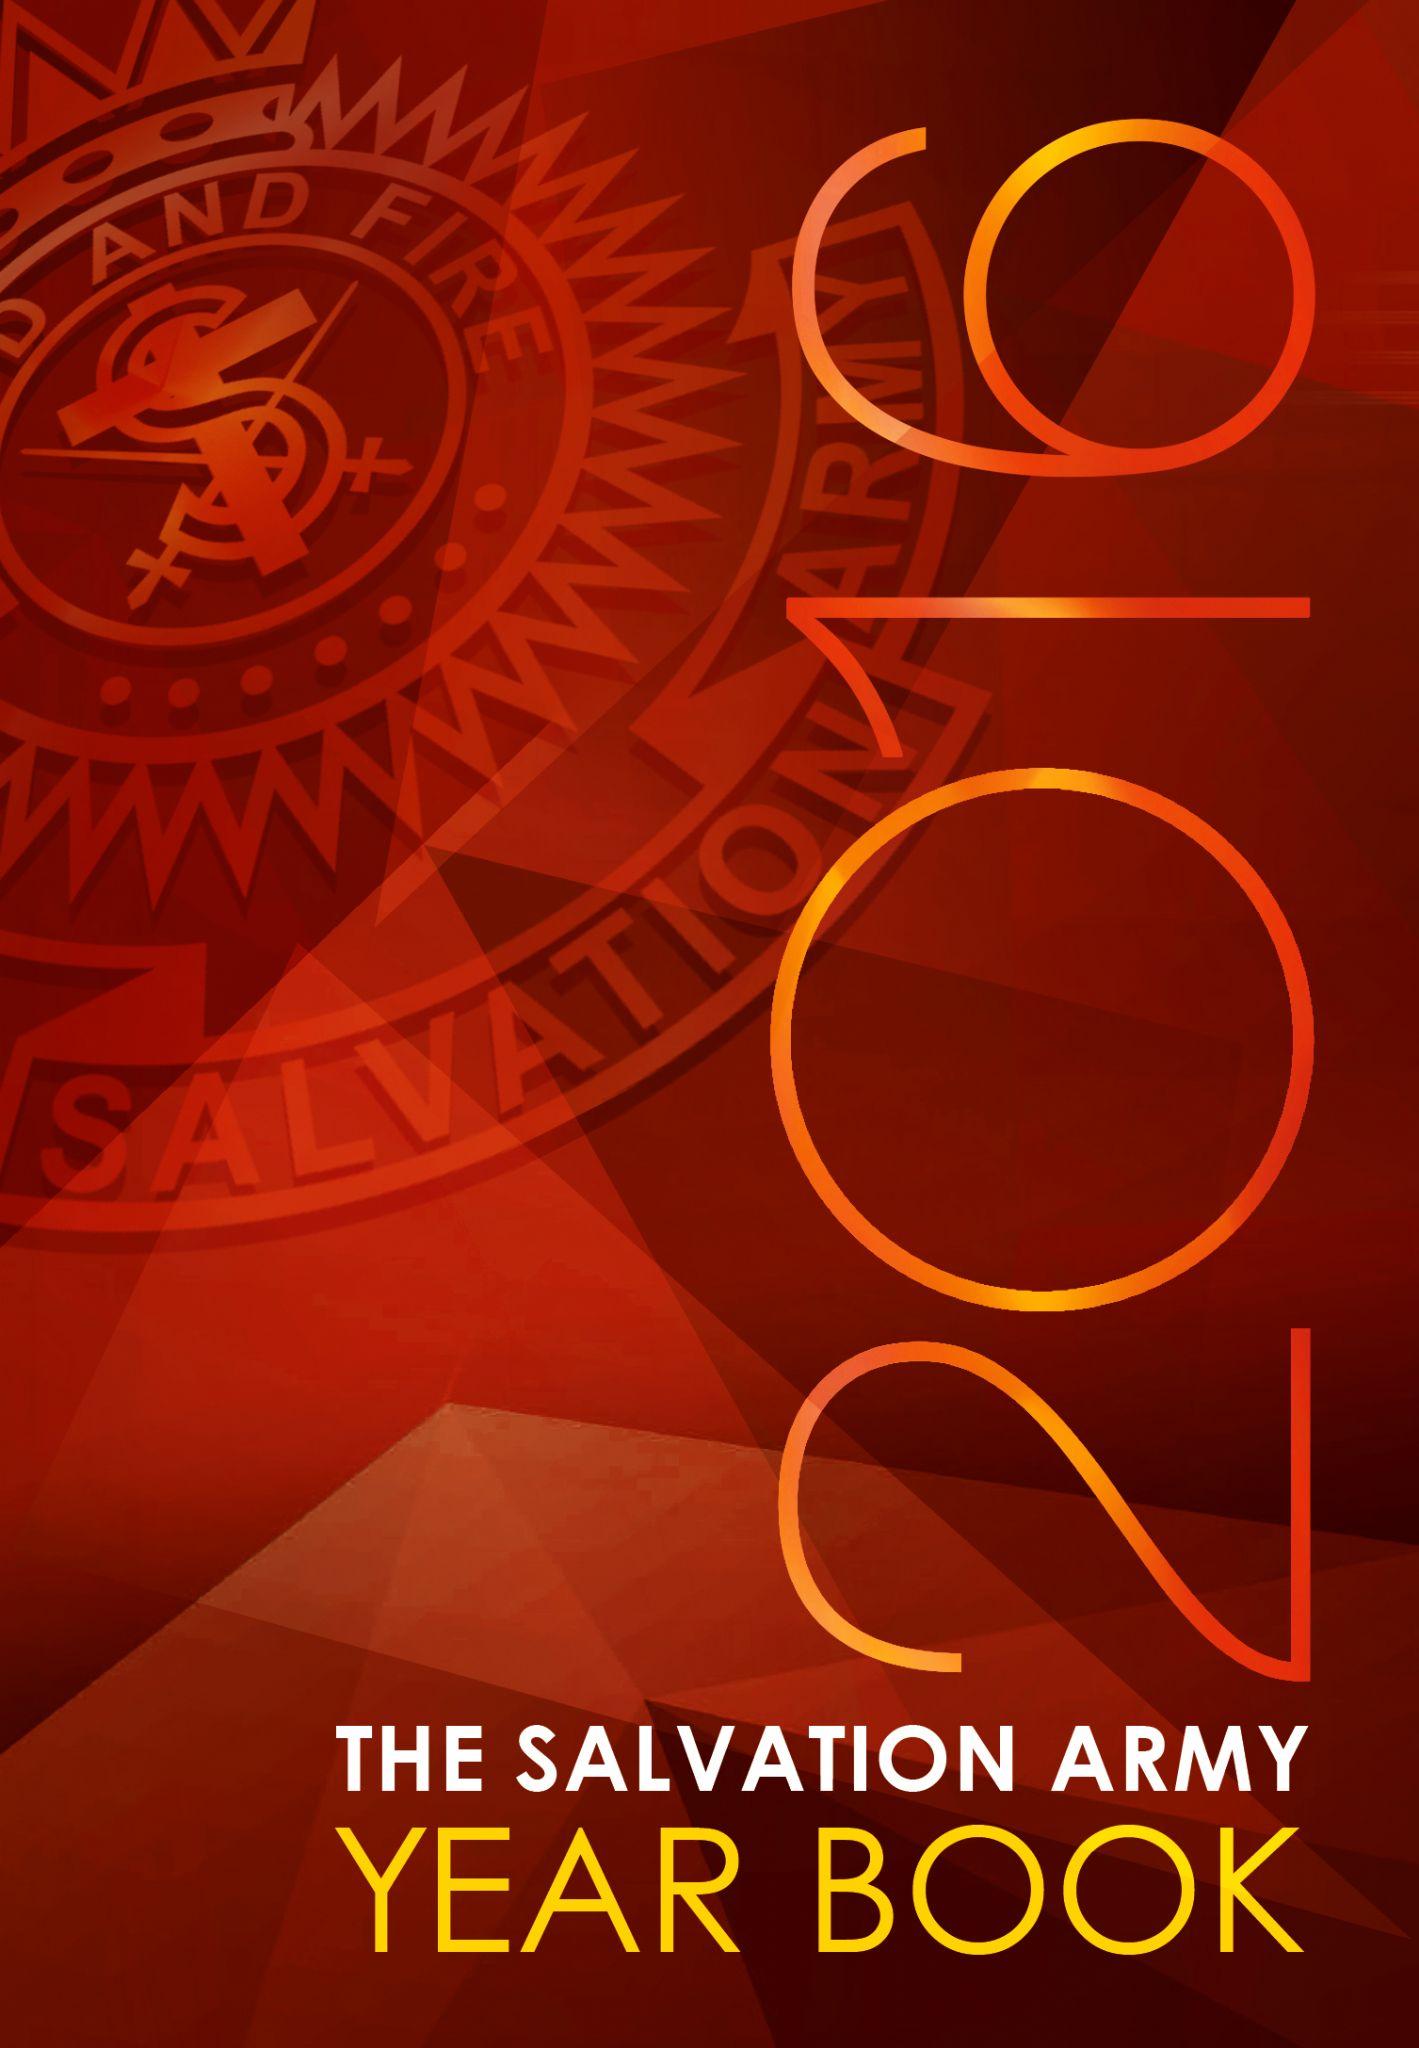 Year Book 2016